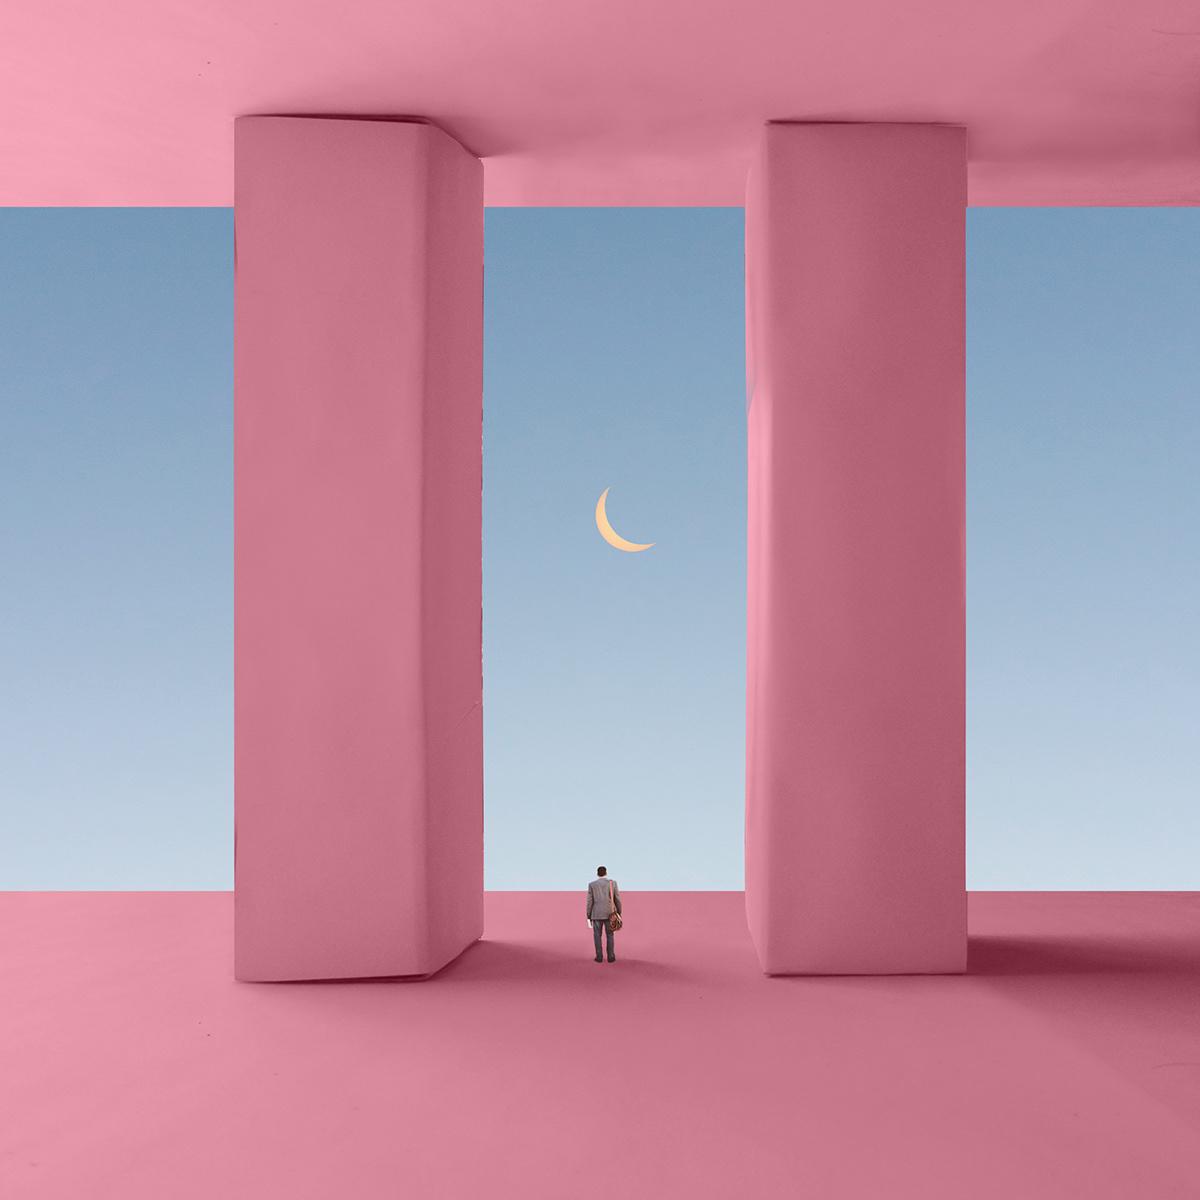 Minimalism by Andhika Ramadhian